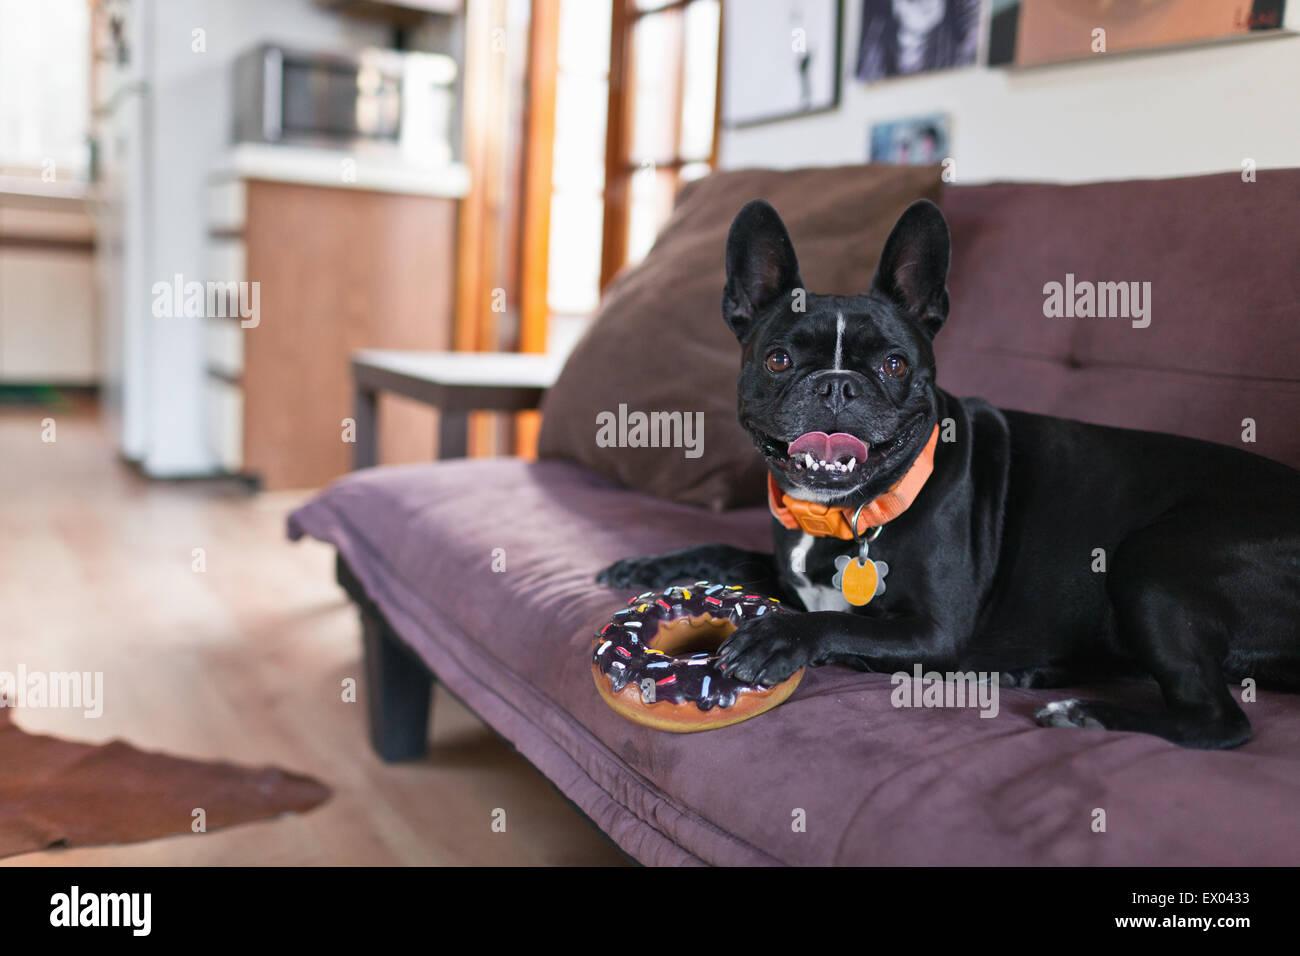 Ritratto di cane sul divano di tenere su donut toy Immagini Stock